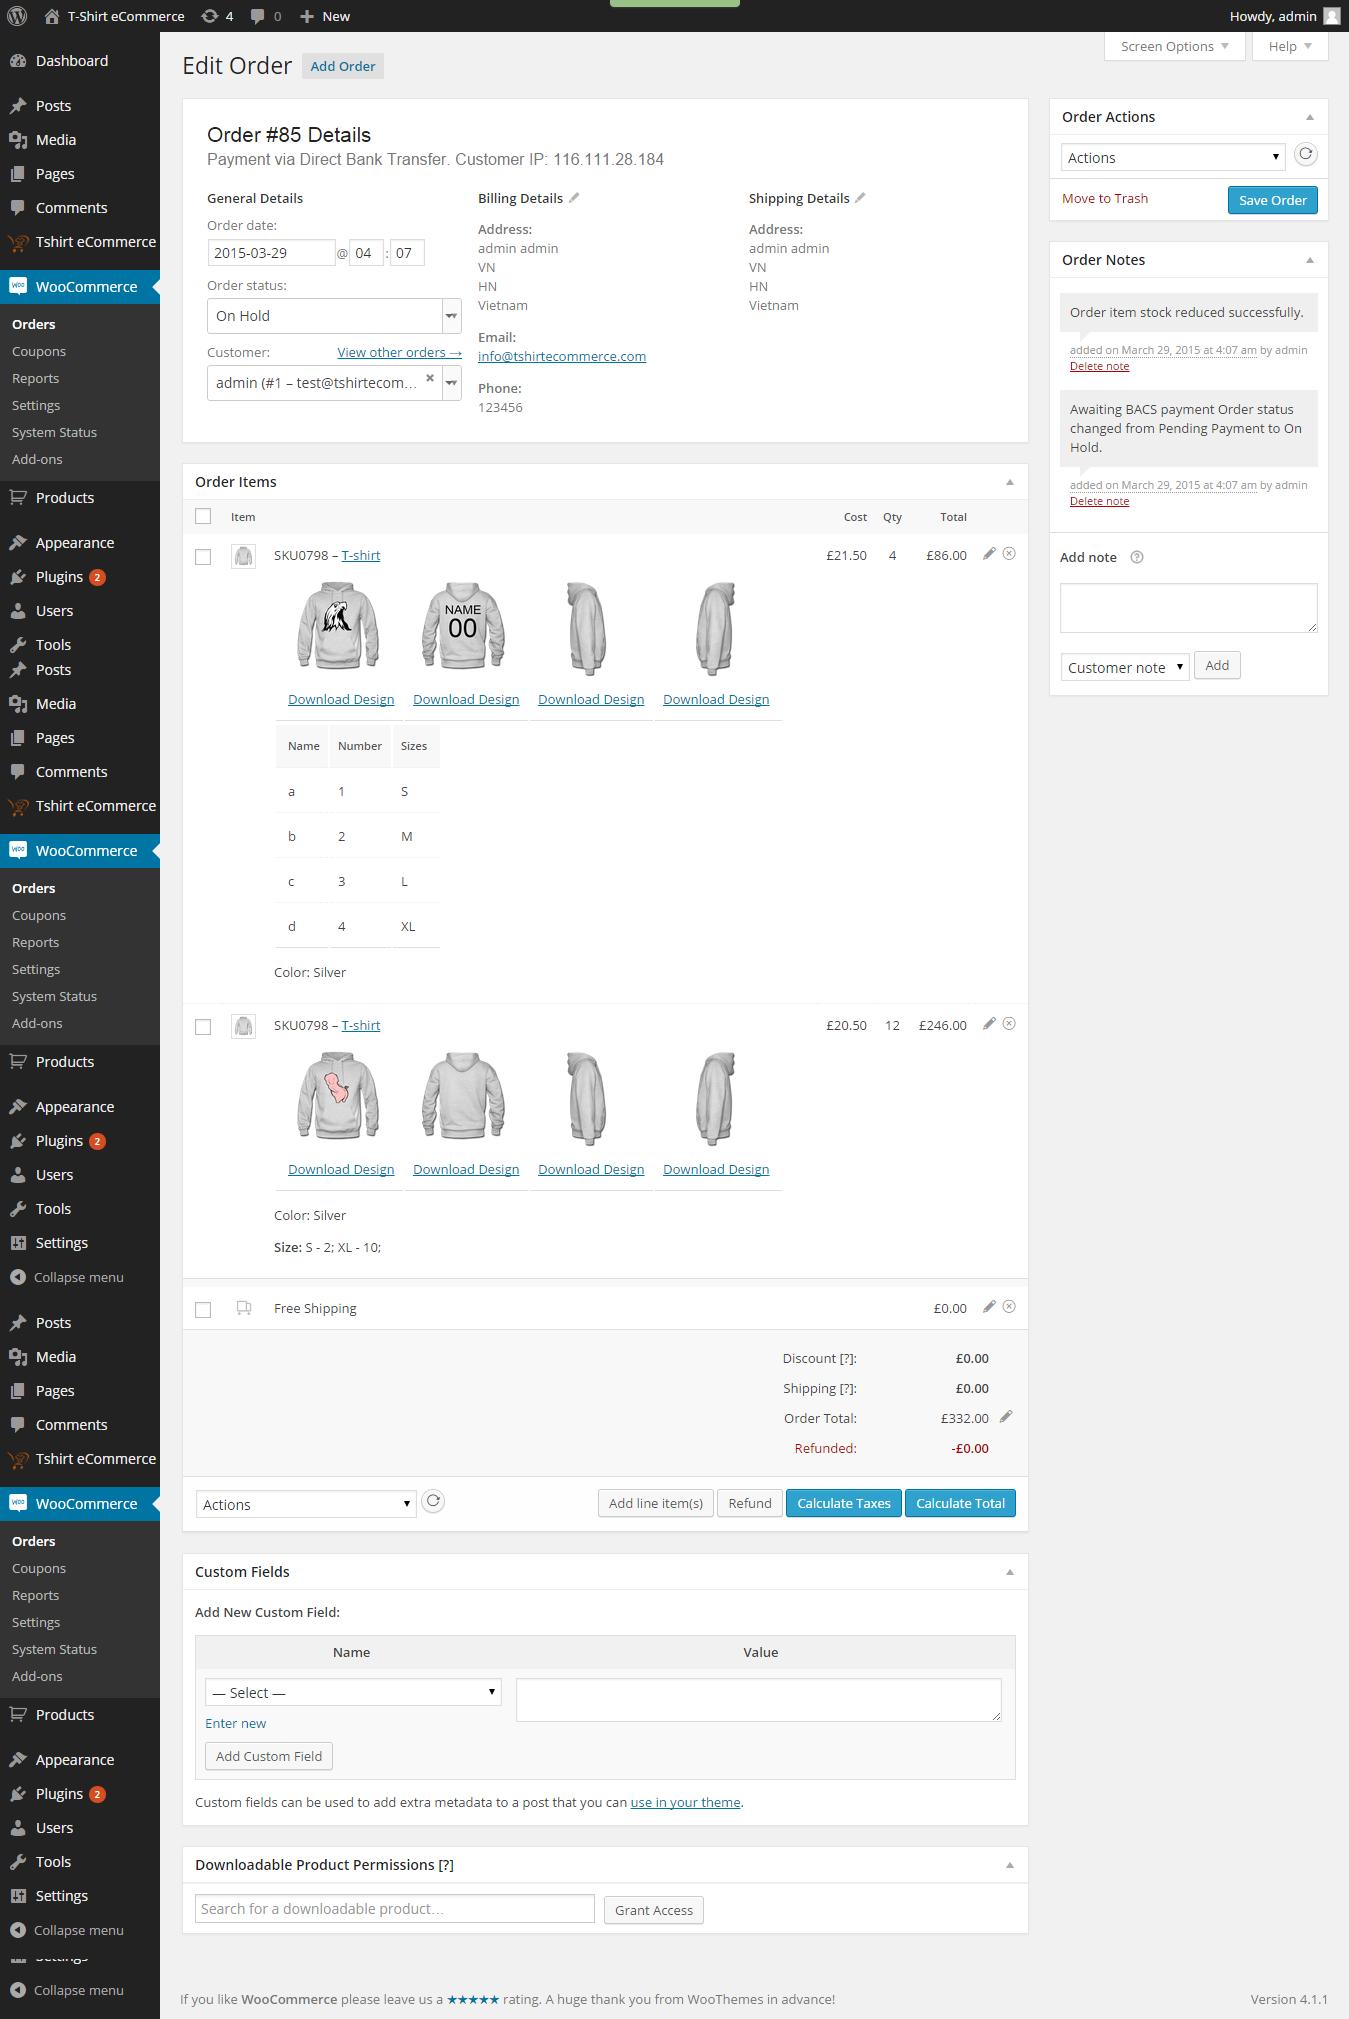 Shirt design editor free download - 1 Png 2 Designer Ipad Png 3 Png 4 Png 5 Png 6 Png 7 Png